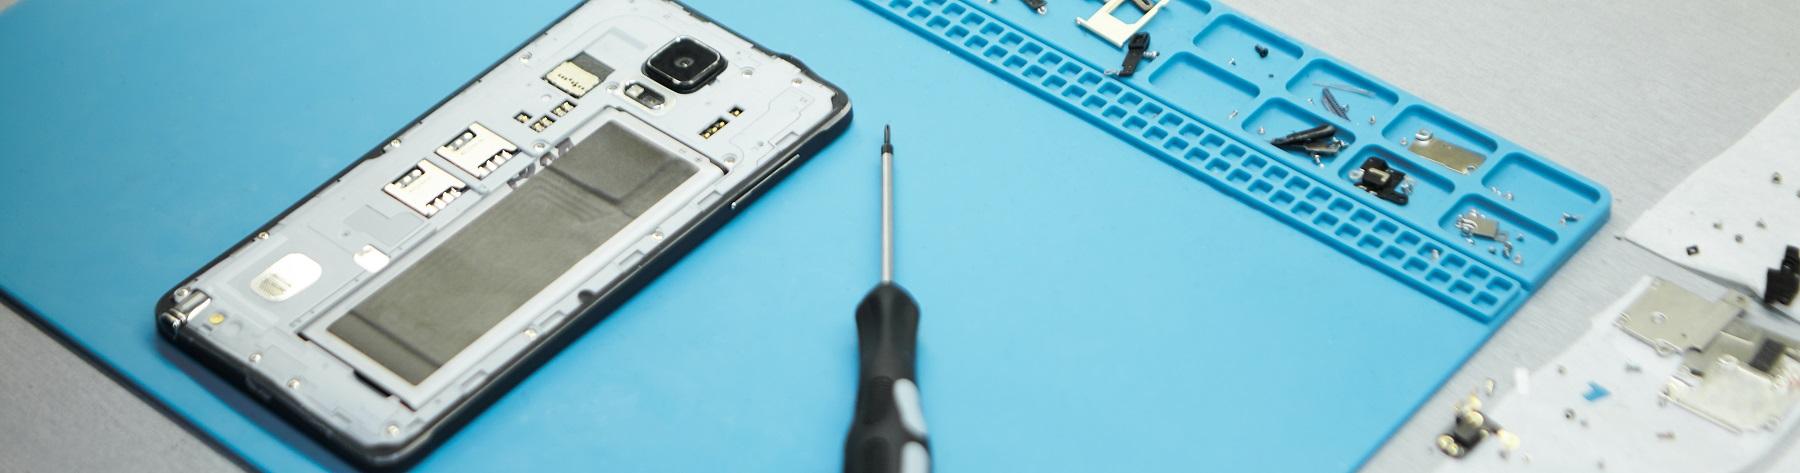 Les solutions durables Bouygues Telecom pour vos smartphones